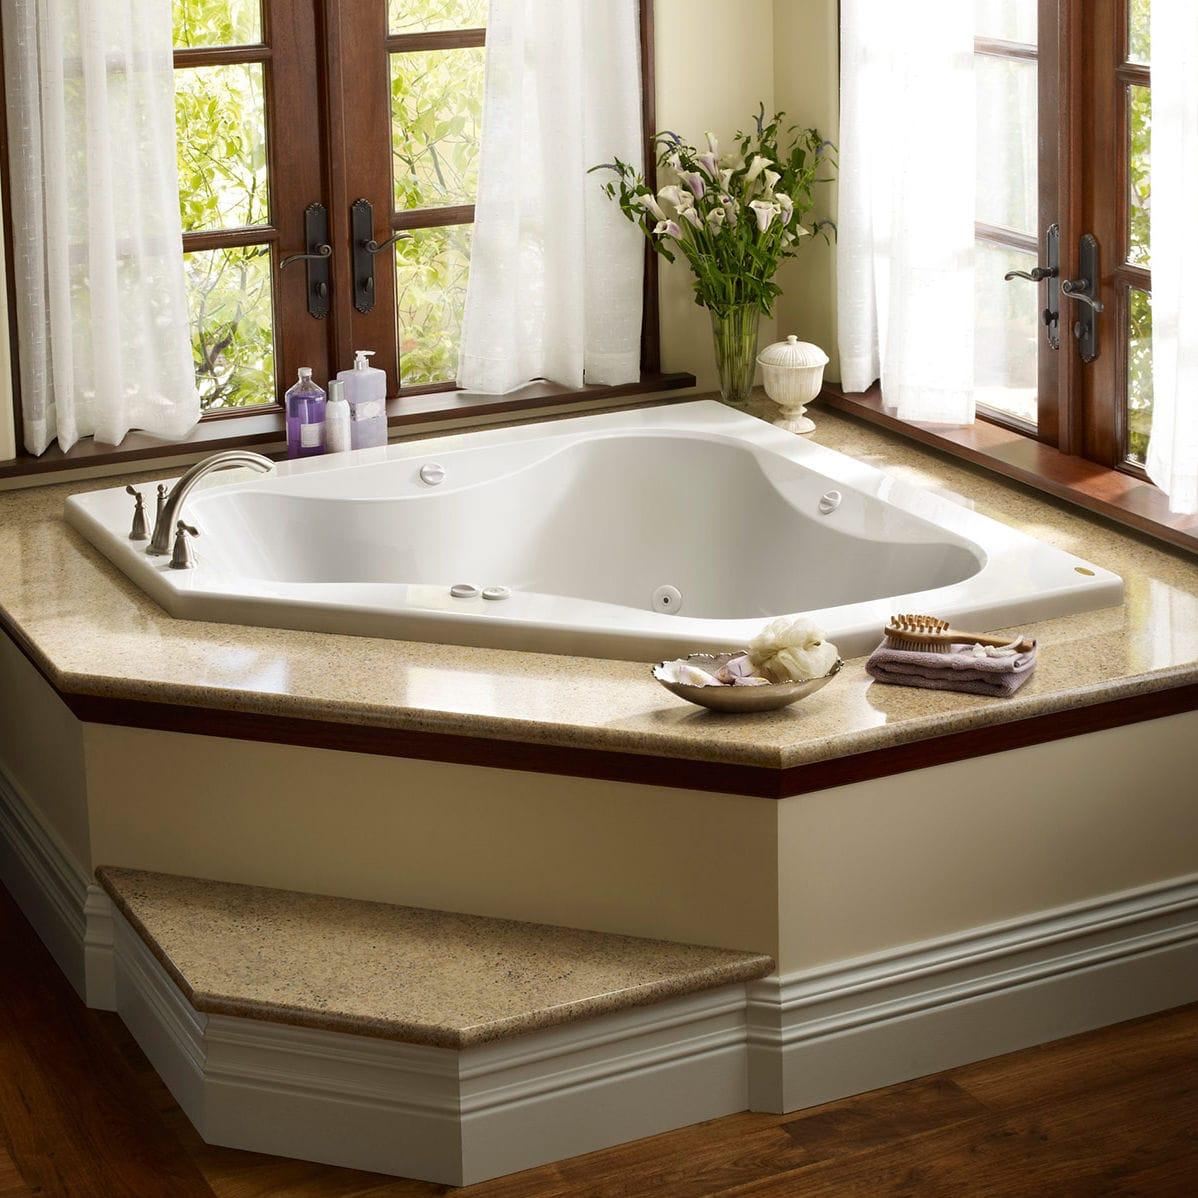 jacuzzi pour baignoire Au fil des ans, les baignoires sont devenues bien plus quu0027un simple  accessoire innovateur à la maison, ce qui en fait un élément de soutien pour  le corps, ...